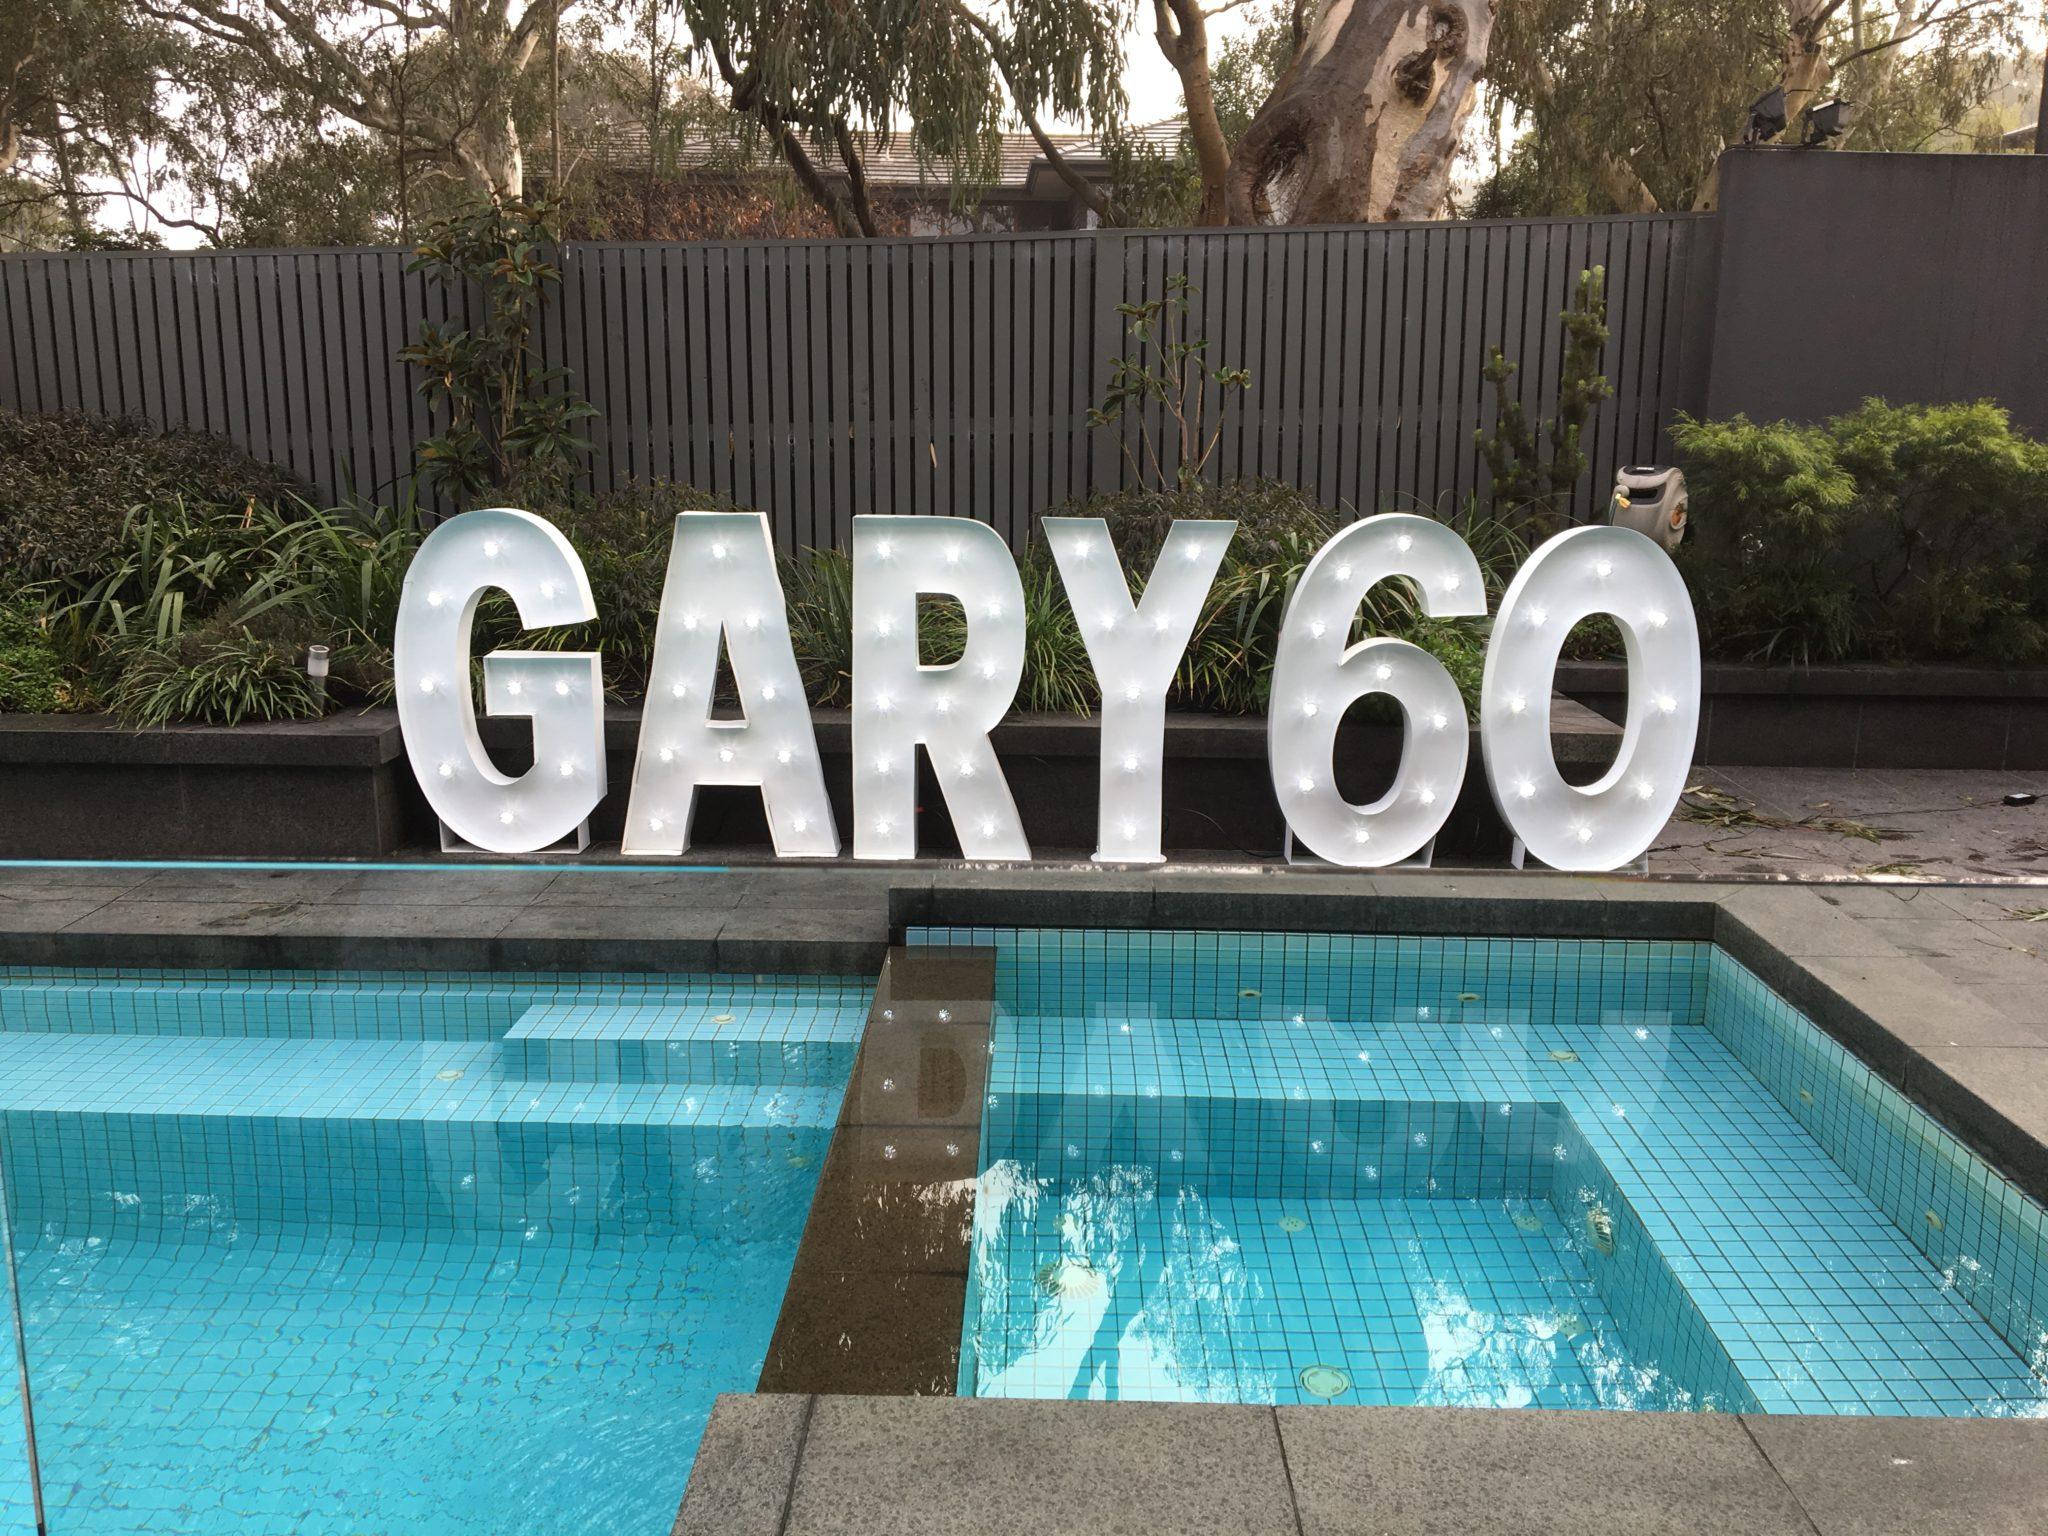 Gary 60